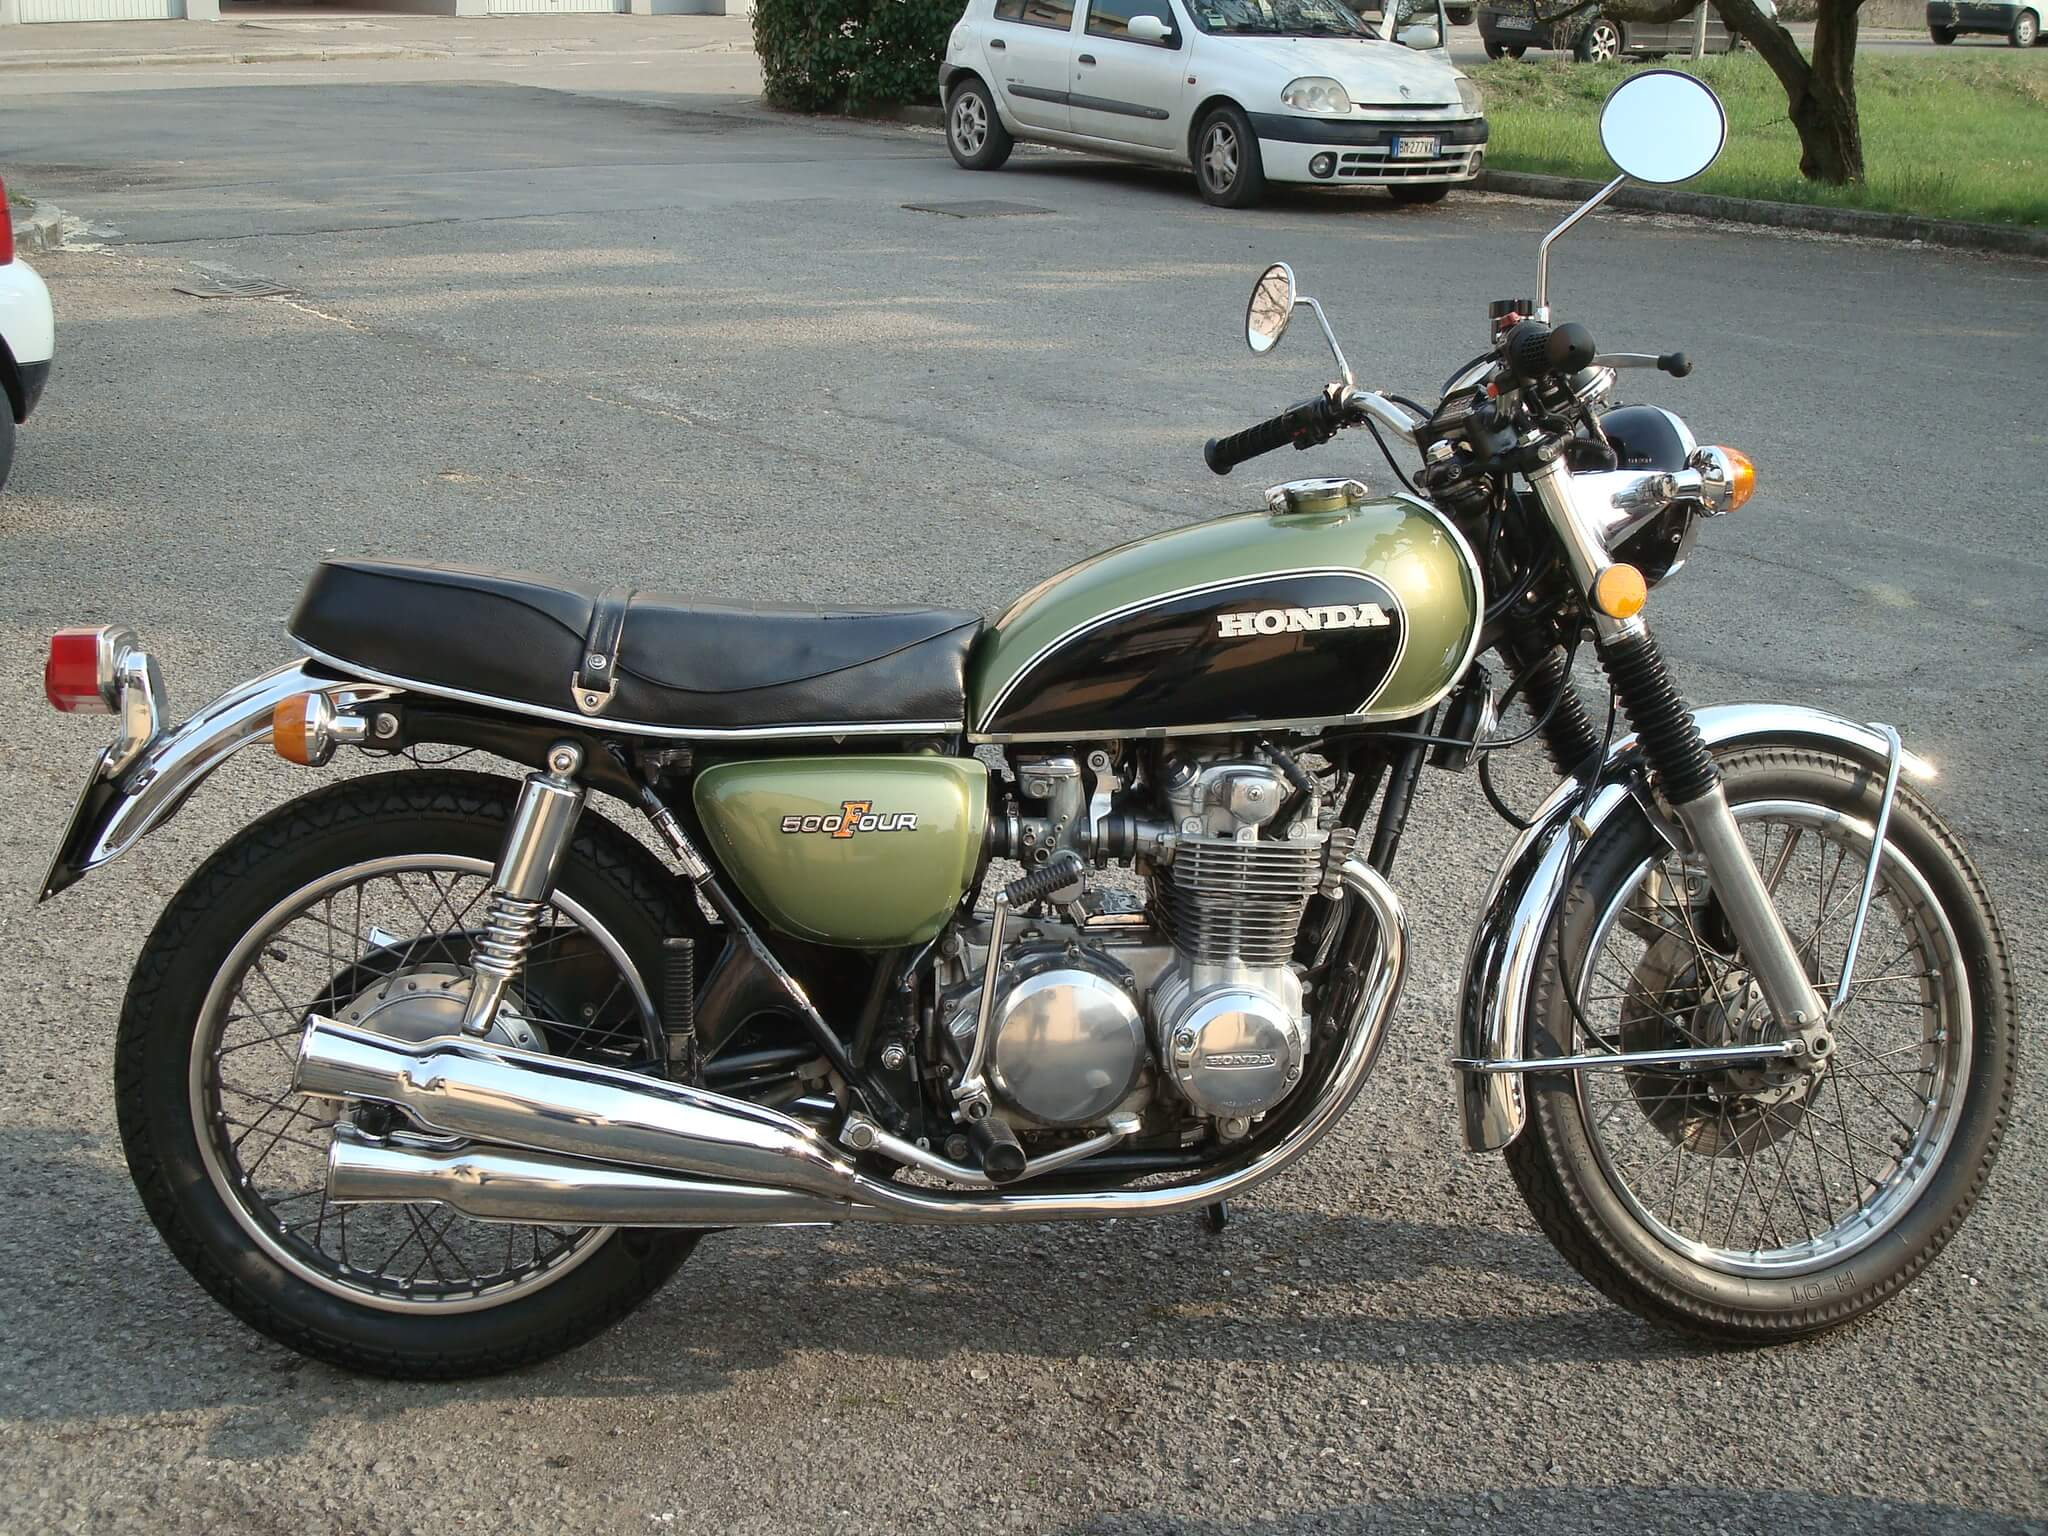 Come evitare truffe per comprare una moto usata?